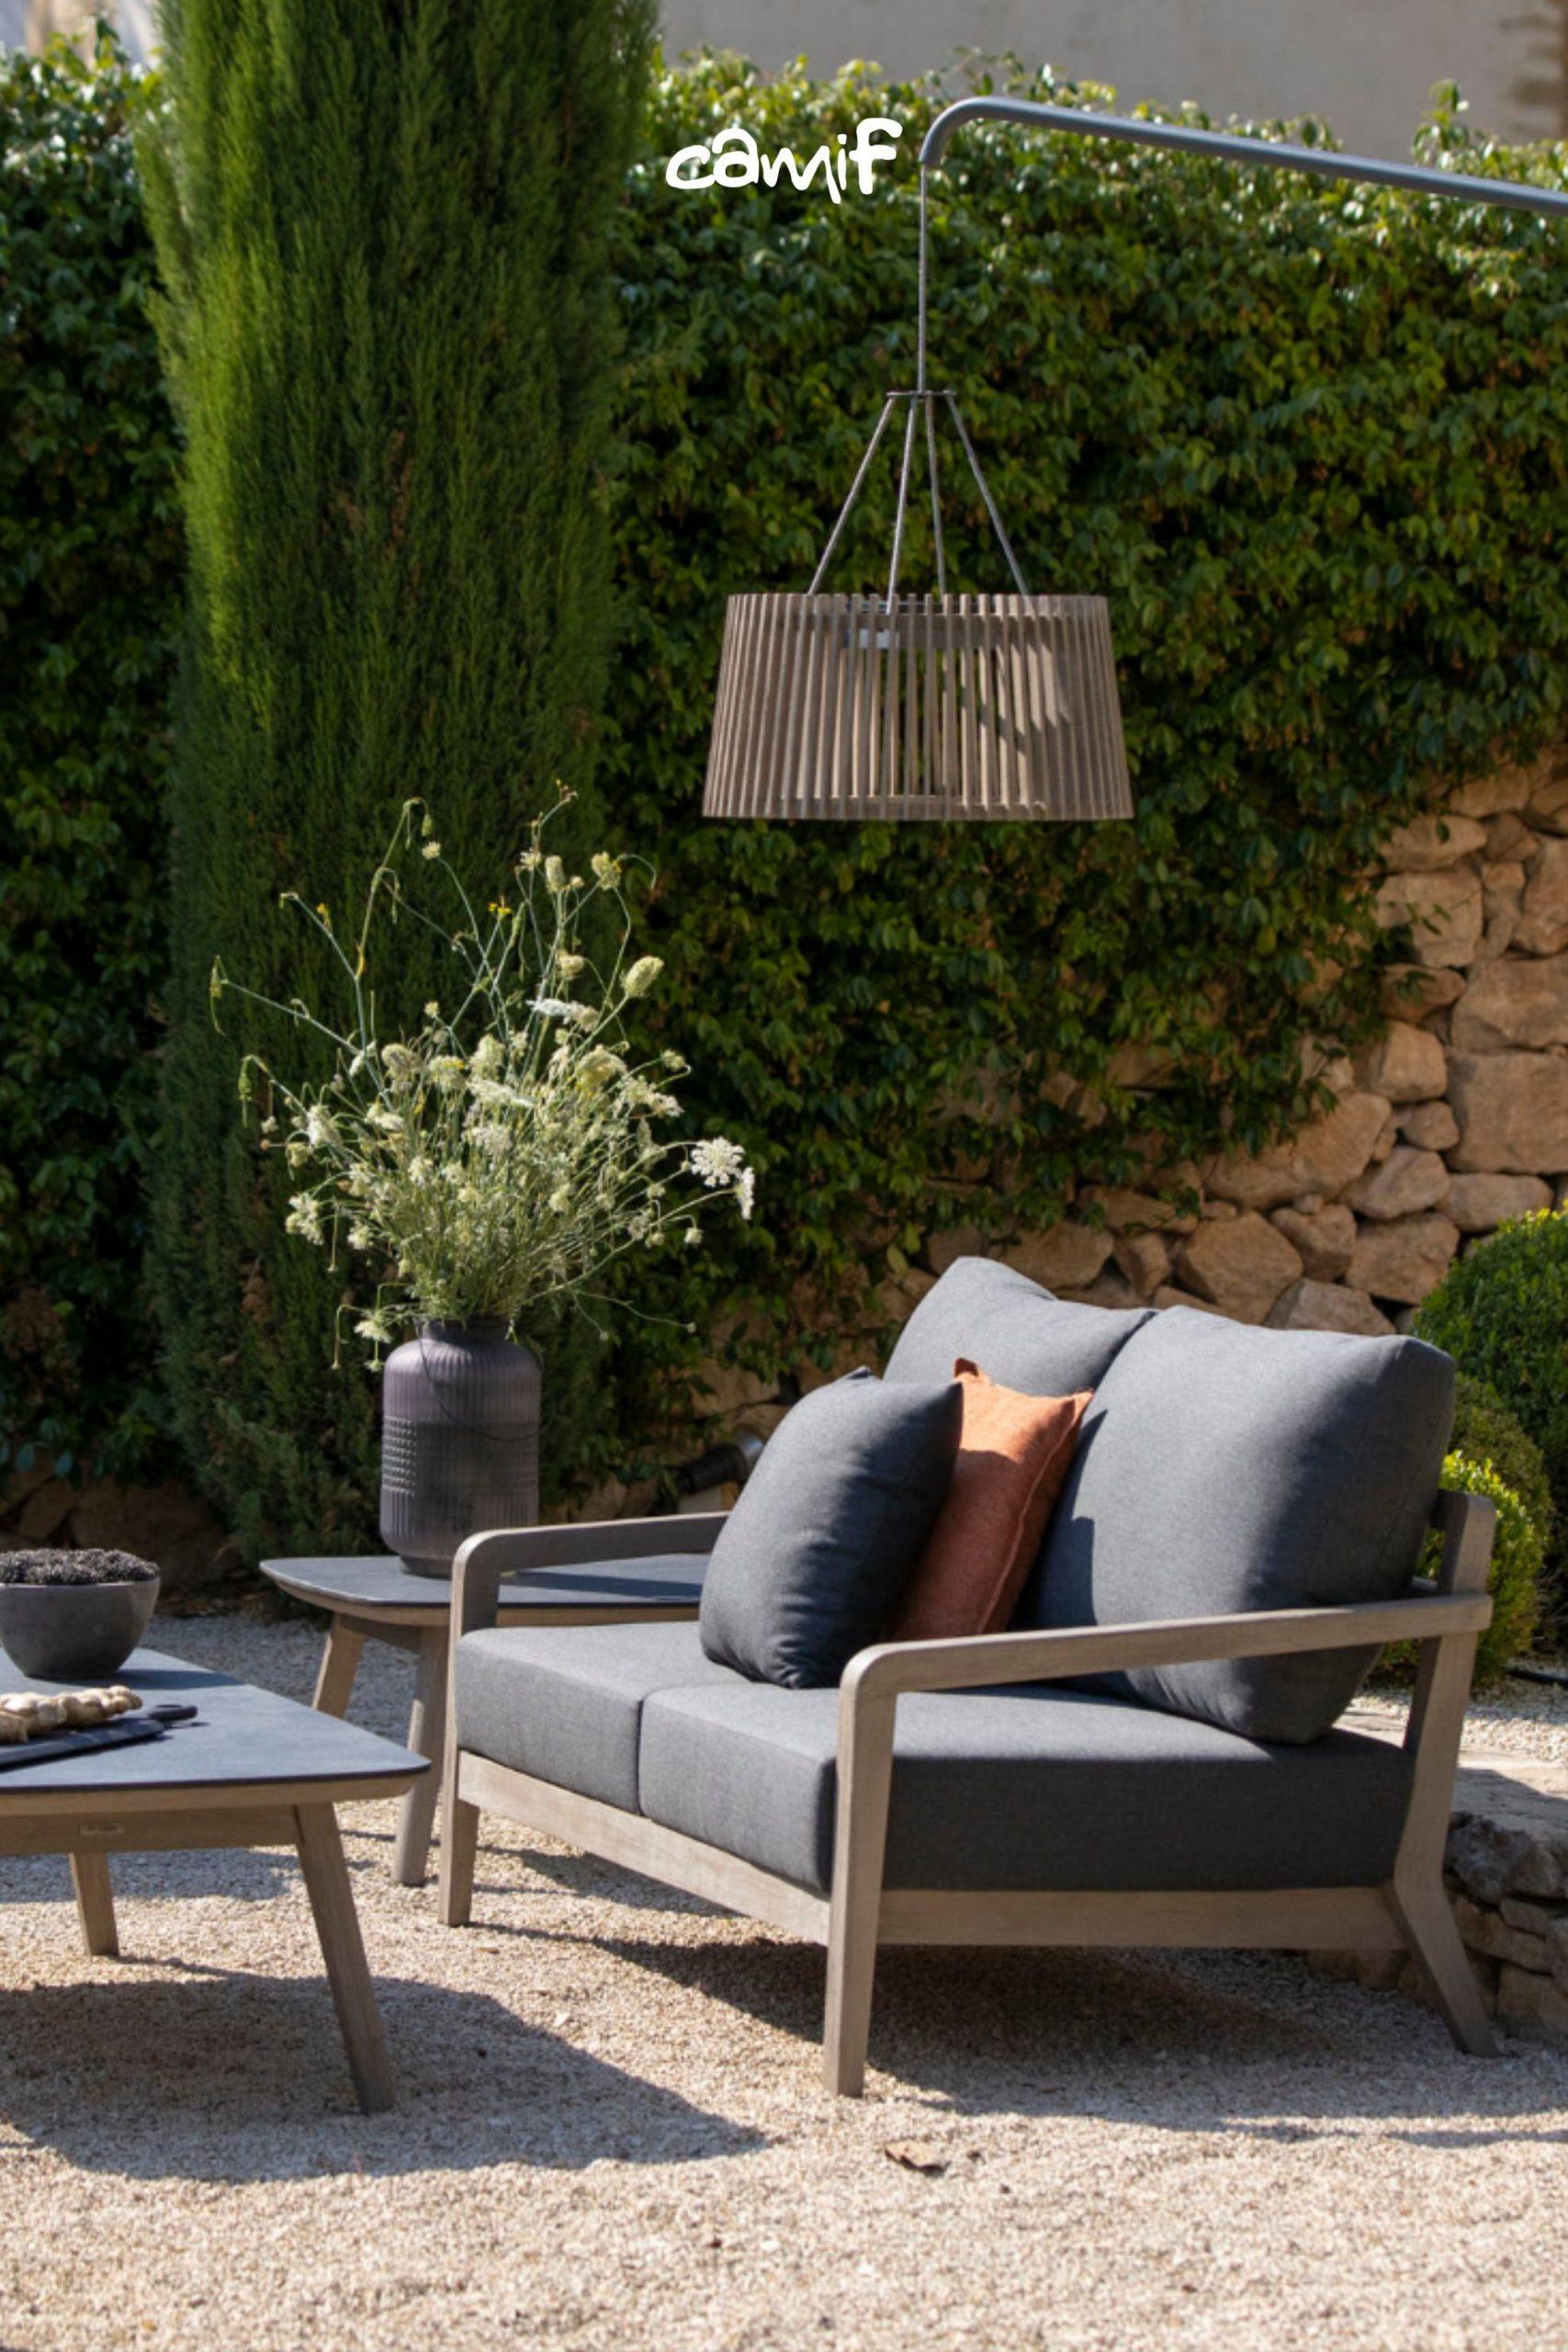 Salon De Jardin : Ensemble Table Basse Et Canapé. En 2020 ... dedans Camif Jardin